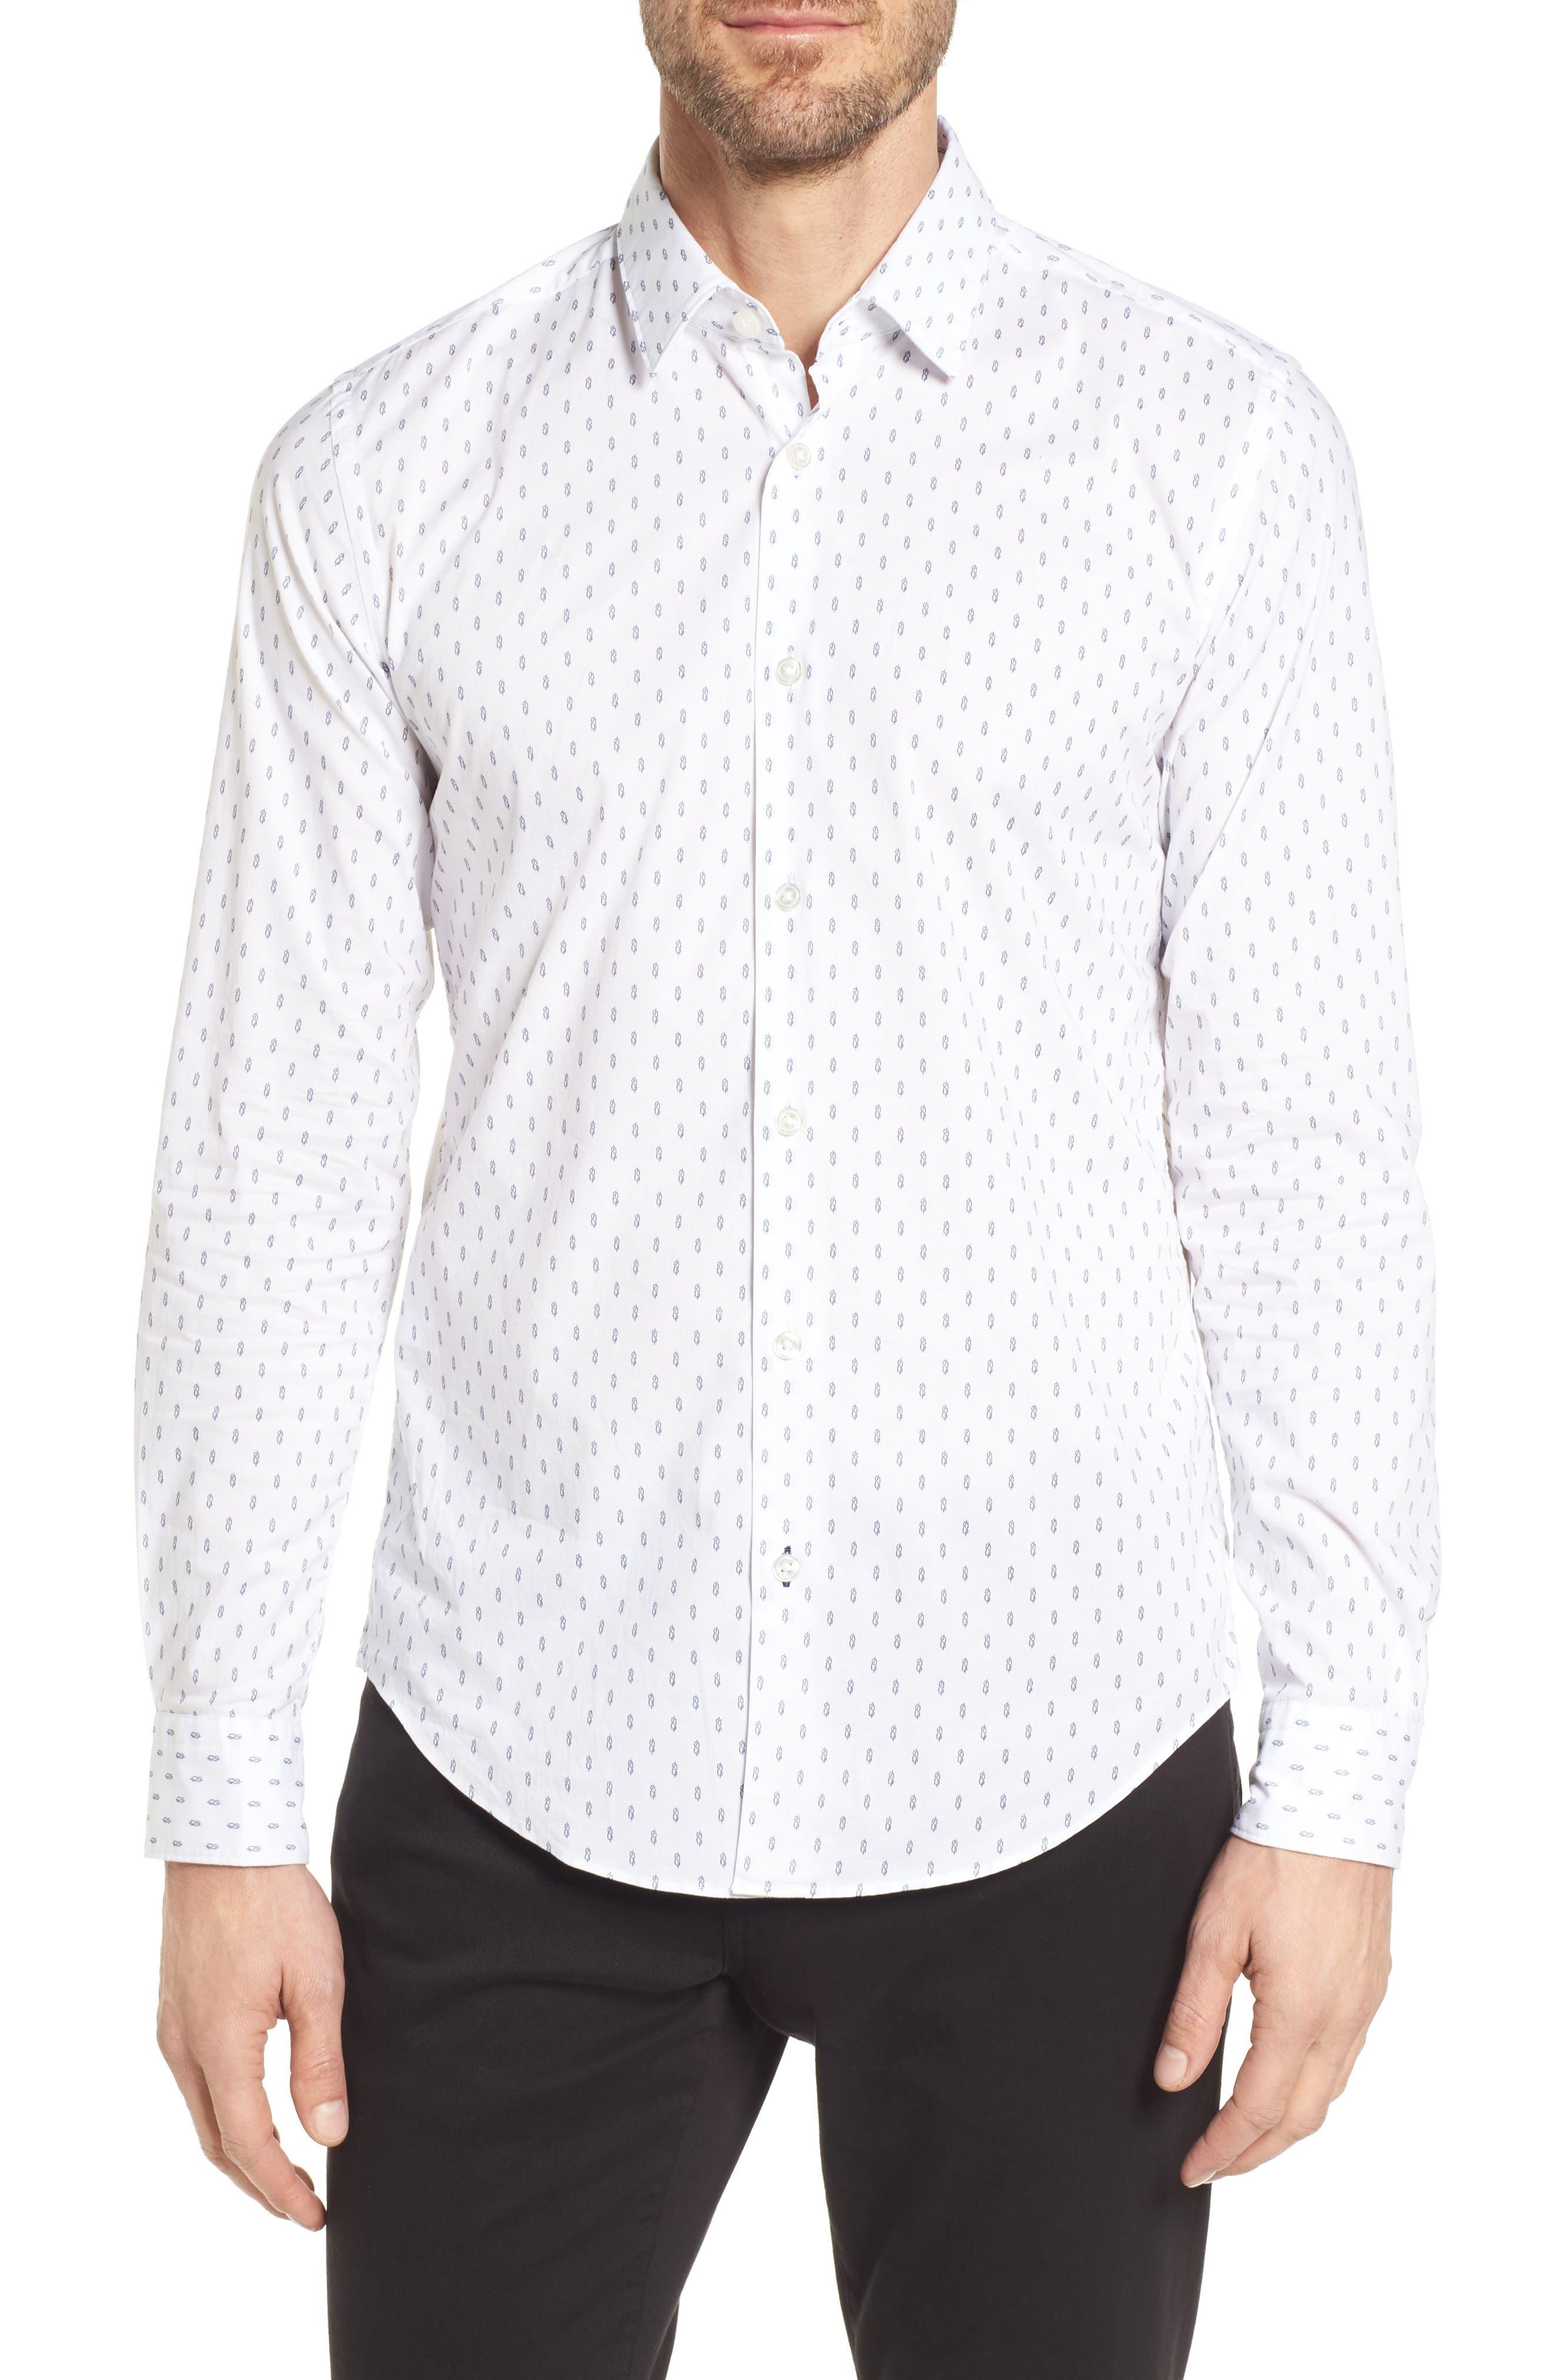 Ronni Slim Fit Print Sport Shirt,                             Main thumbnail 1, color,                             White